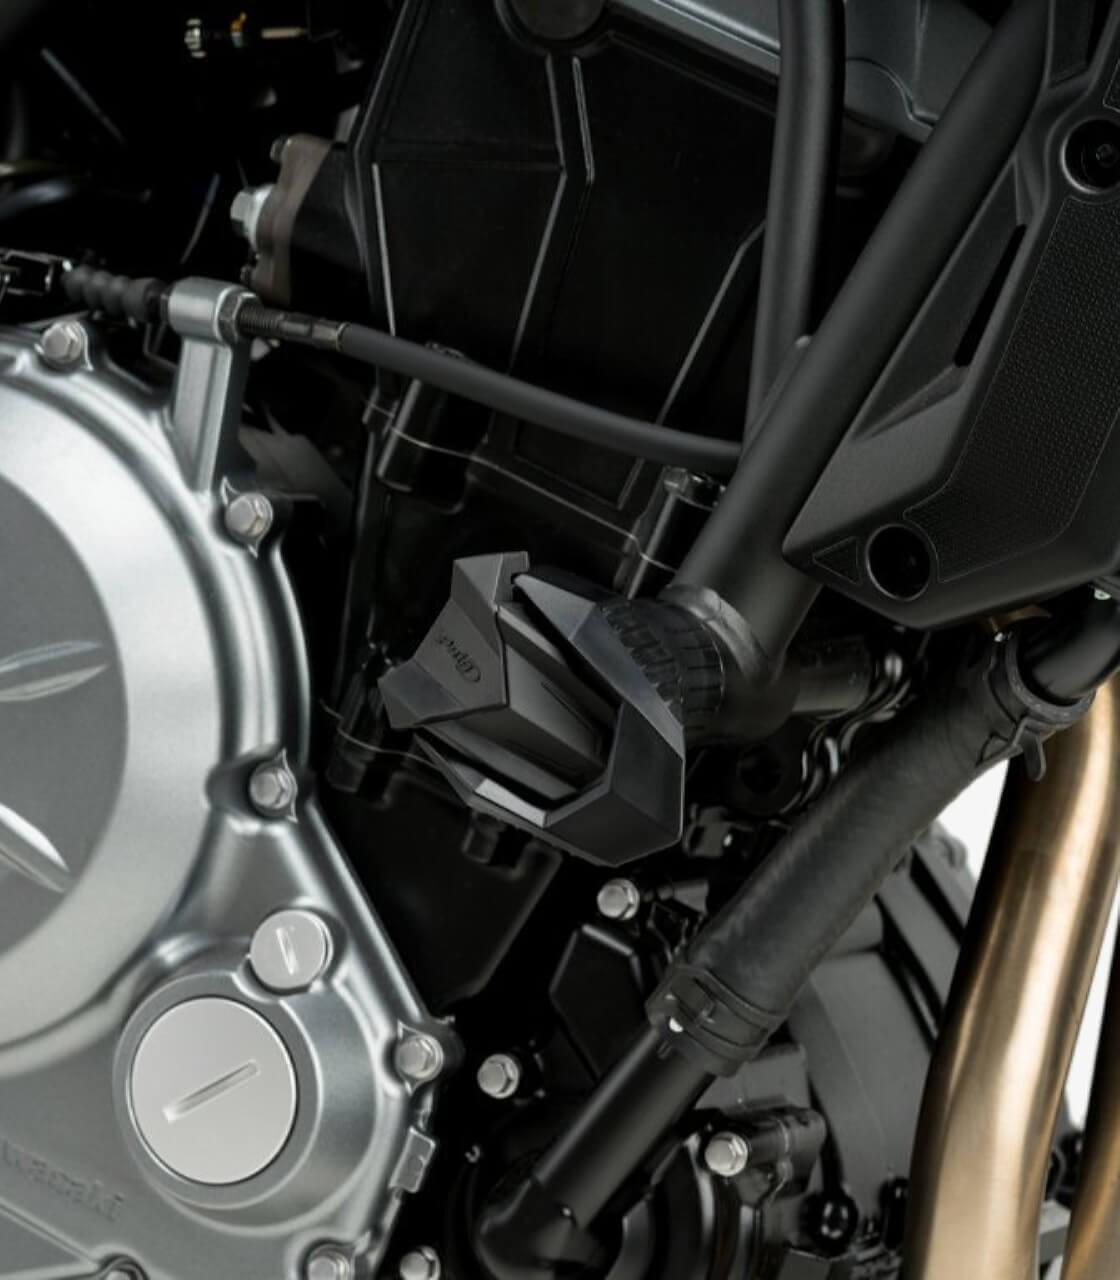 black pair Motorbike Motorcycle Puig Bar End MirrorMP Suzuki GSX-S 125 2017